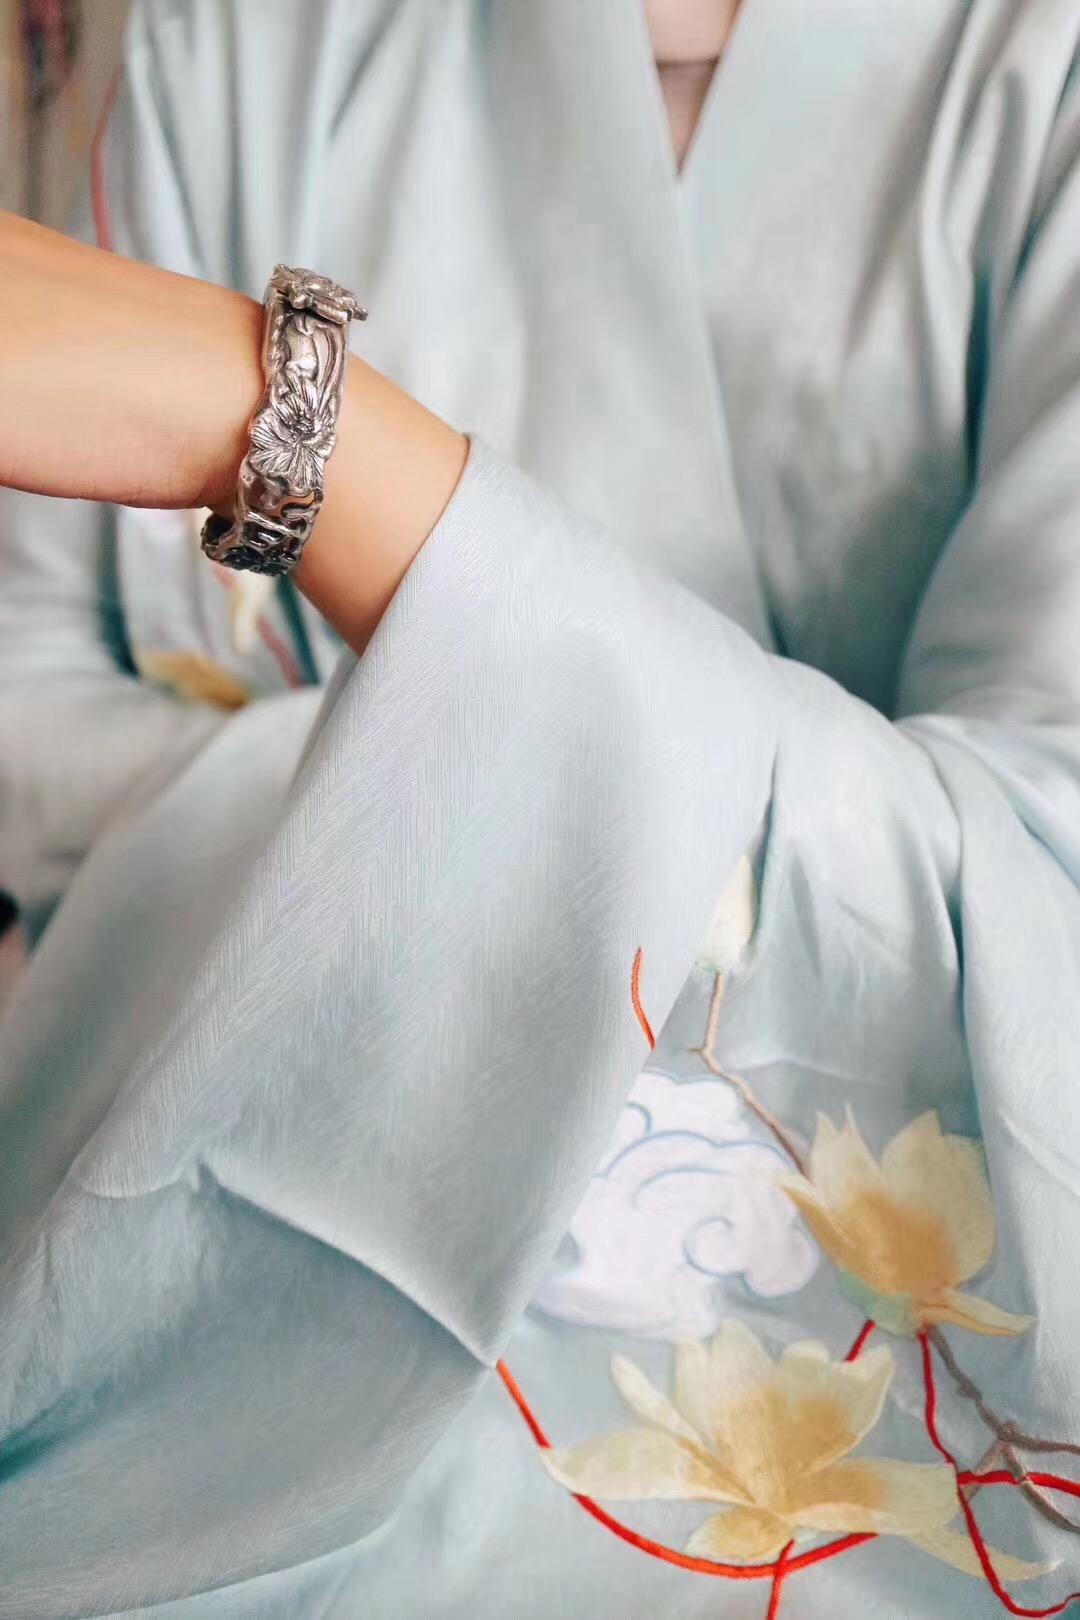 【菩心-纯手工古法银镯定制】神性的五花-菩心晶舍